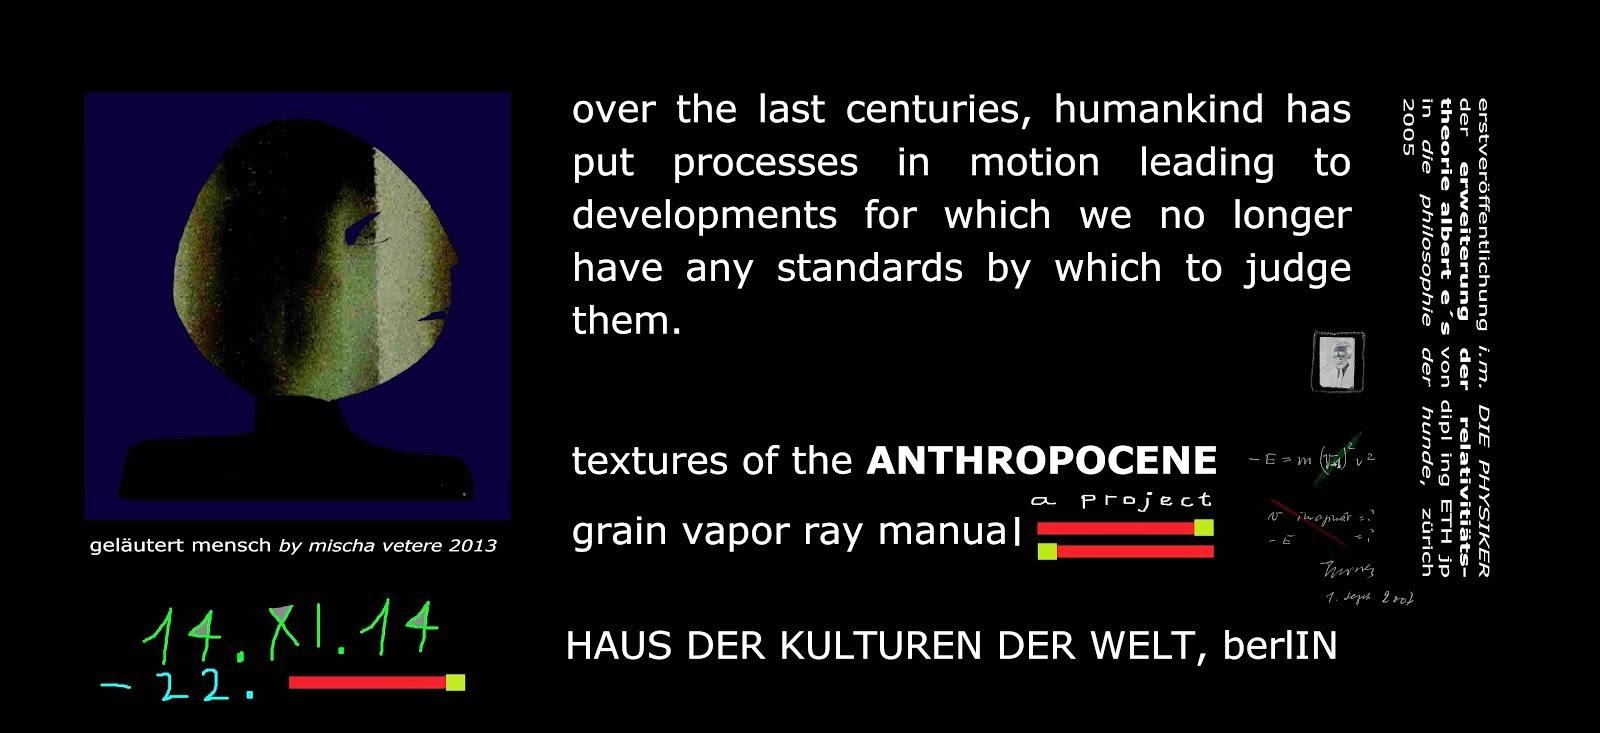 holozän anthropozän HAUS DER KULTUREN DER WELT die geistige revolution vetere sputnik (läuterUNg)